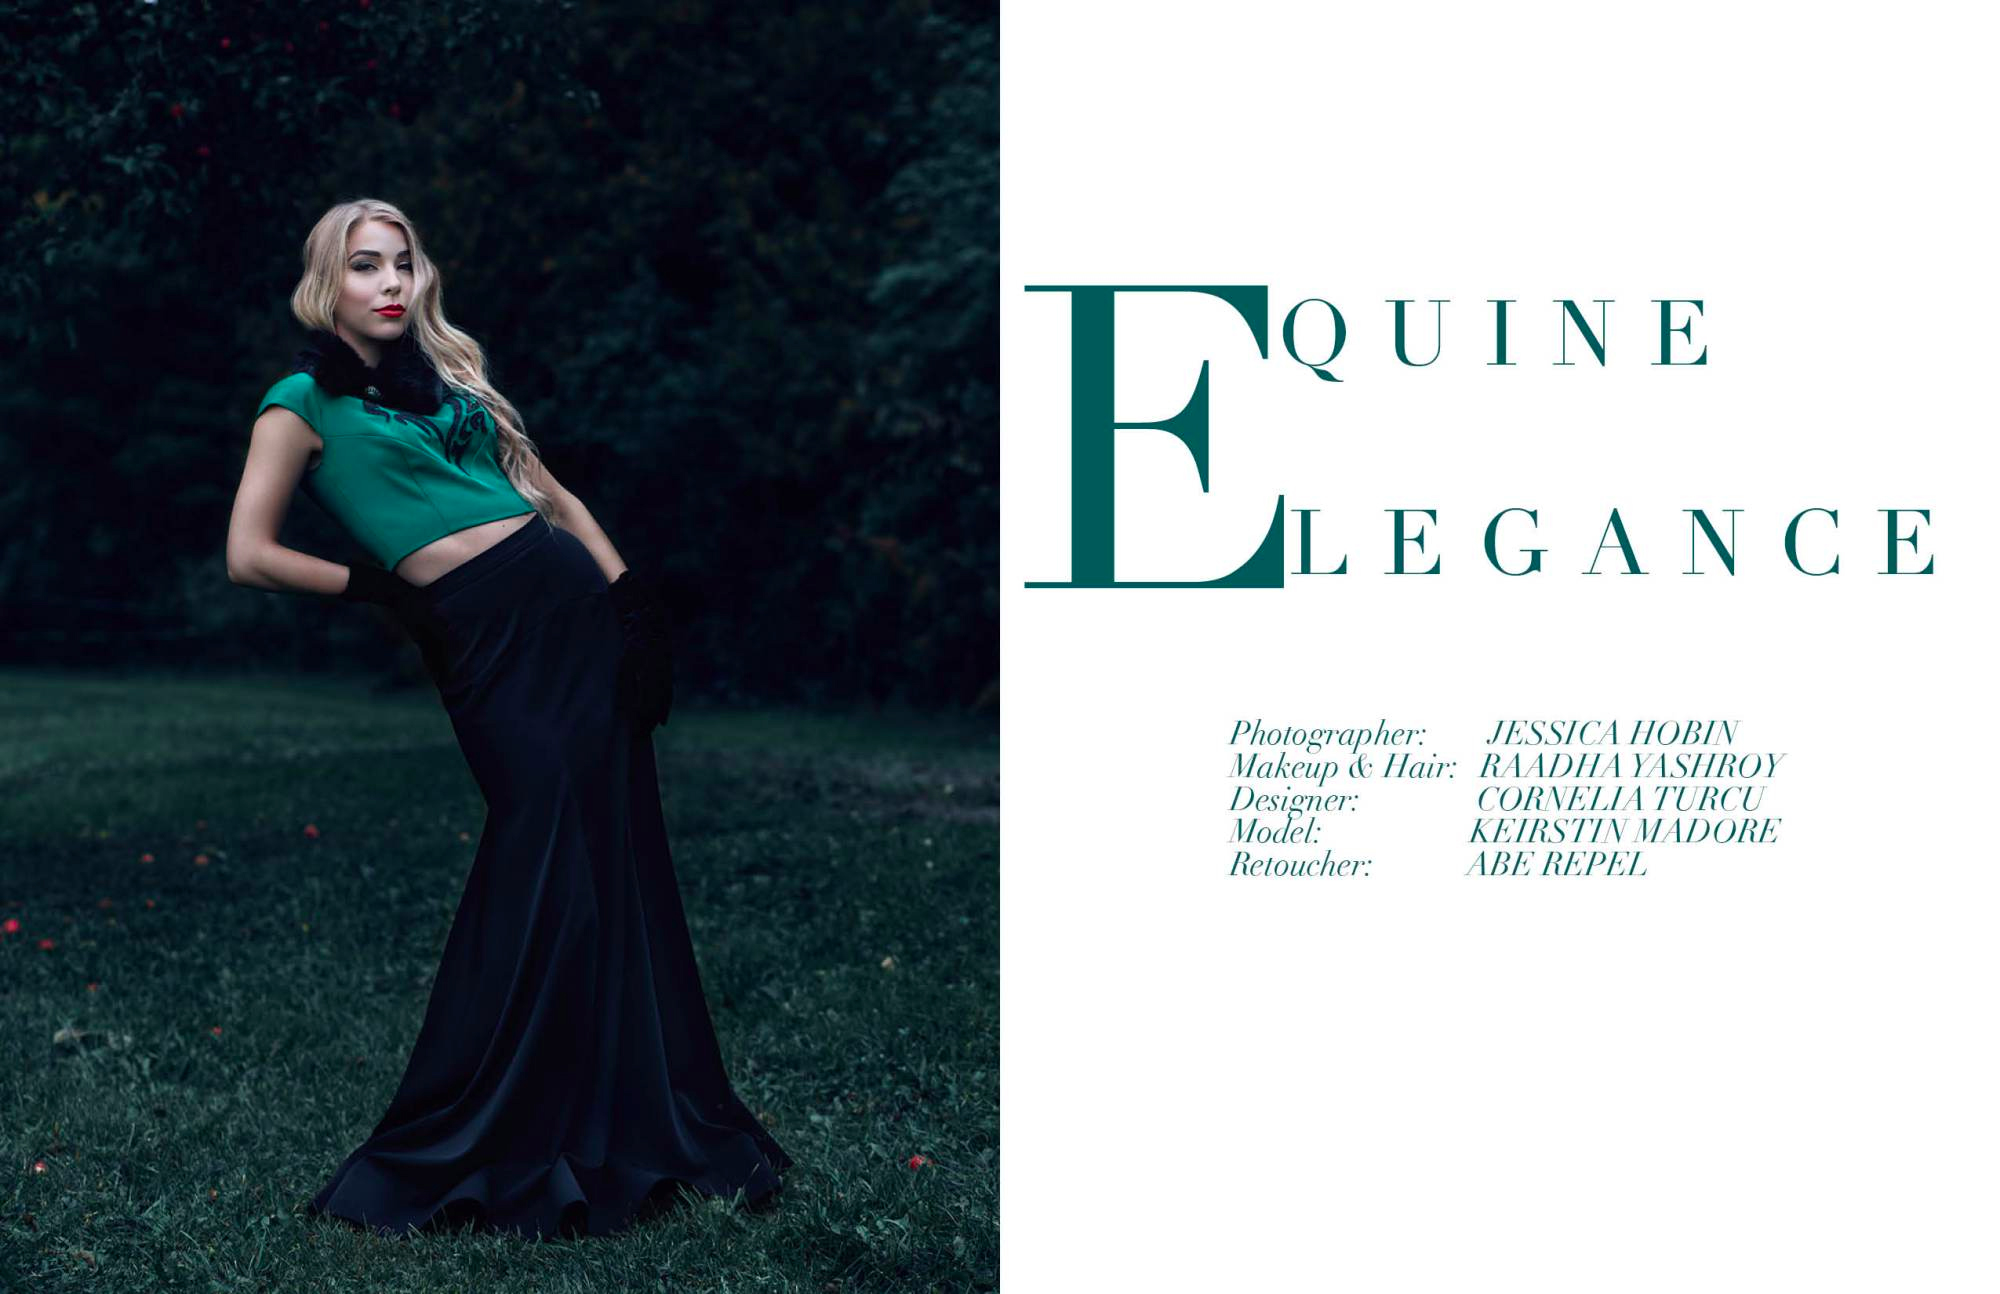 Equine Elegance - Krowd Webtorial